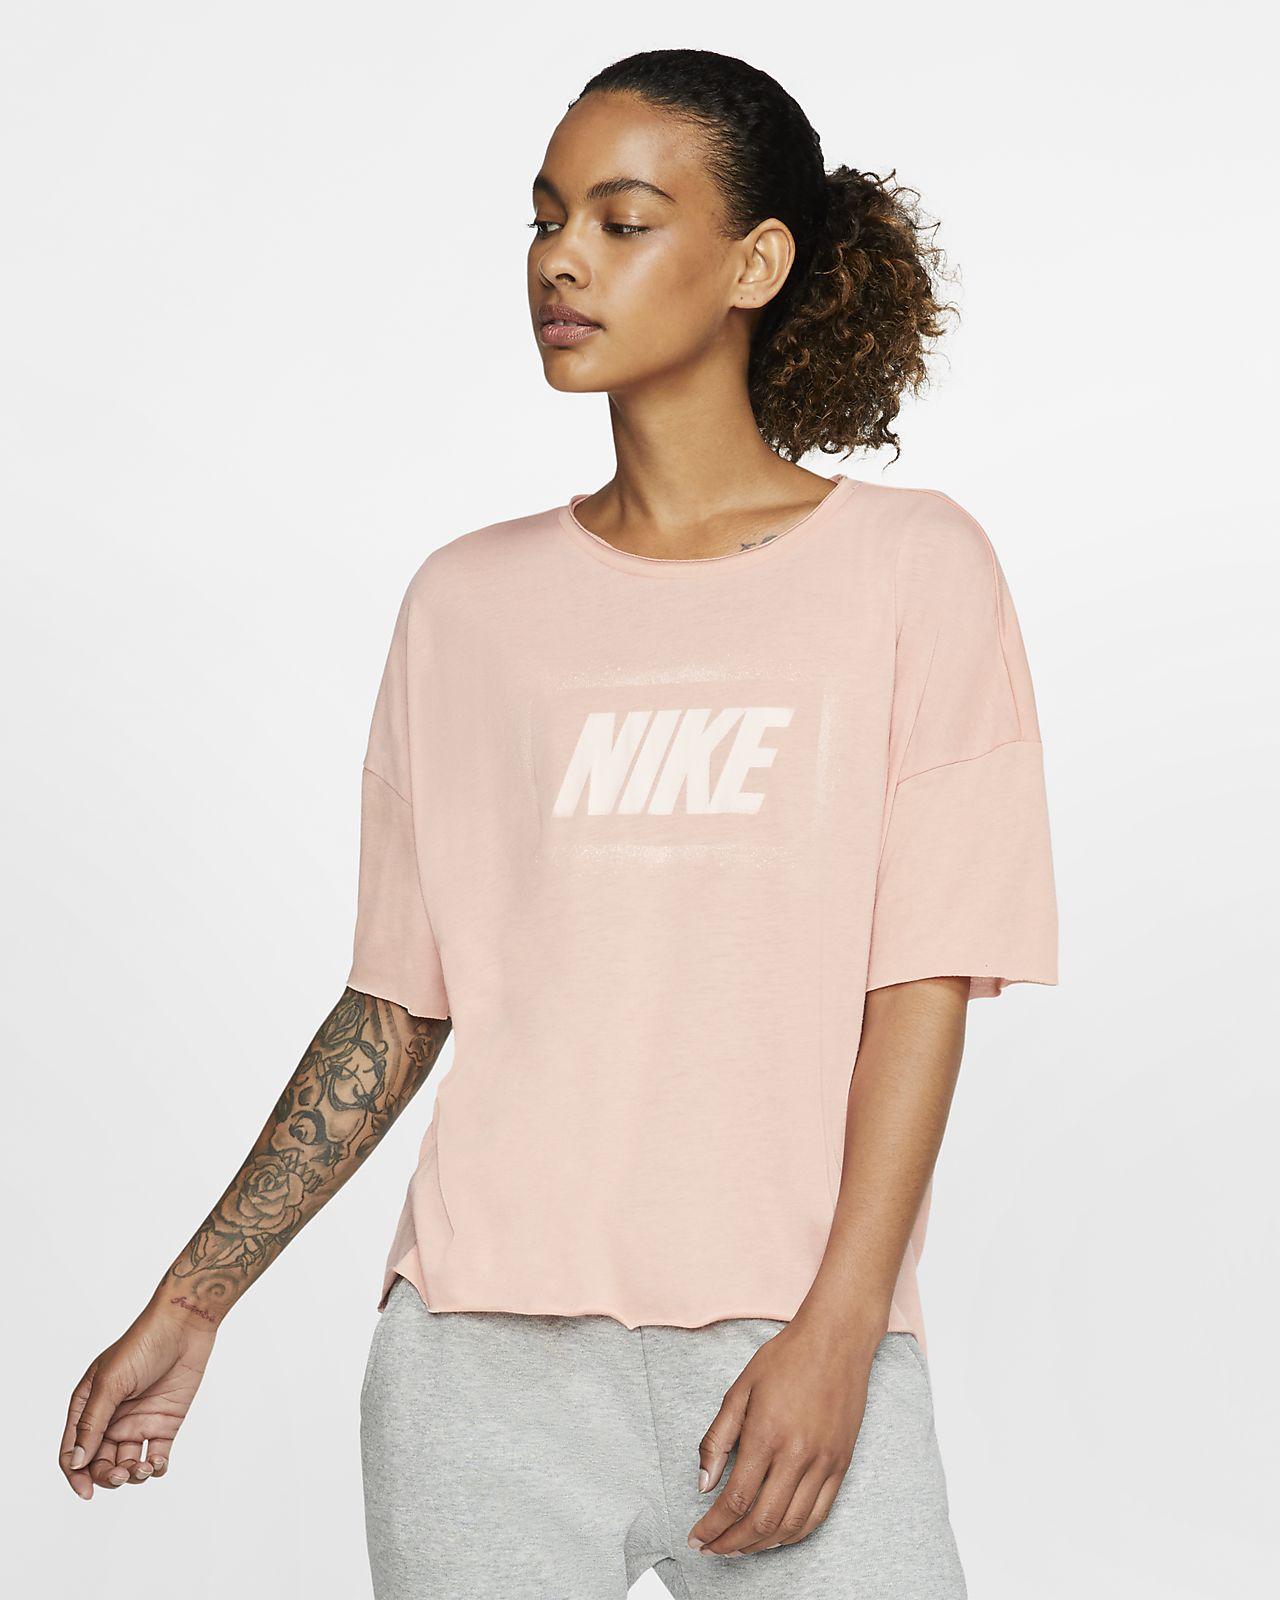 Γυναικεία κοντομάνικη μπλούζα προπόνησης με σχέδιο Nike Dri-FIT